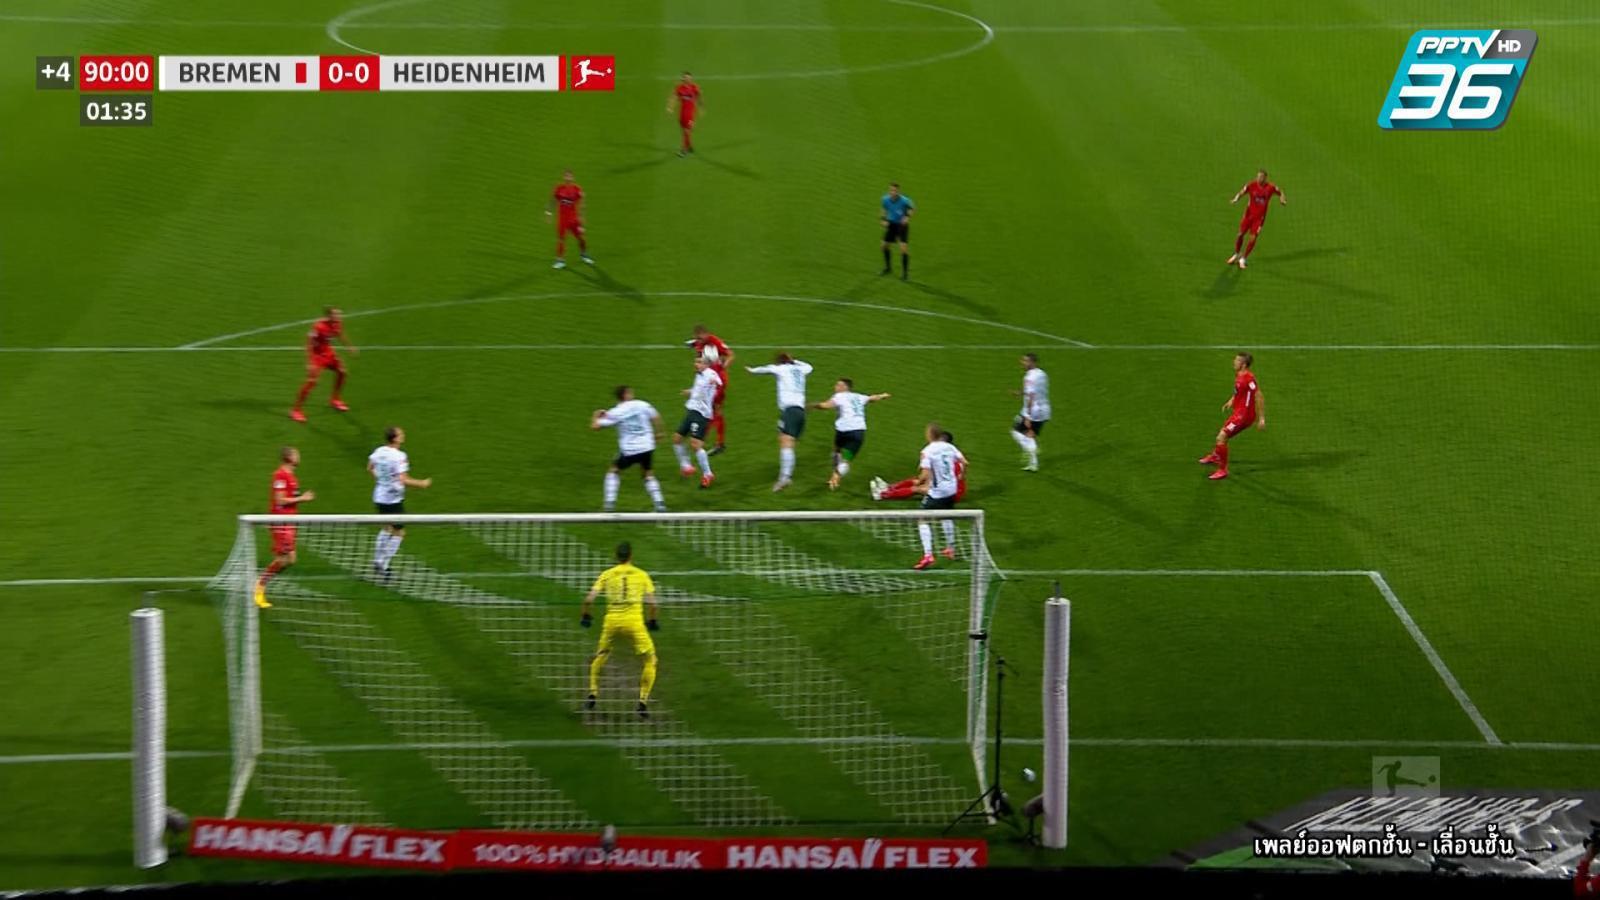 ไฮไลท์ ผลบอล #บุนเดสลีกา | แวร์เดอร์ เบรเมน 0 - 0 ไฮเดนไฮน์ | 3 ก.ค. 63